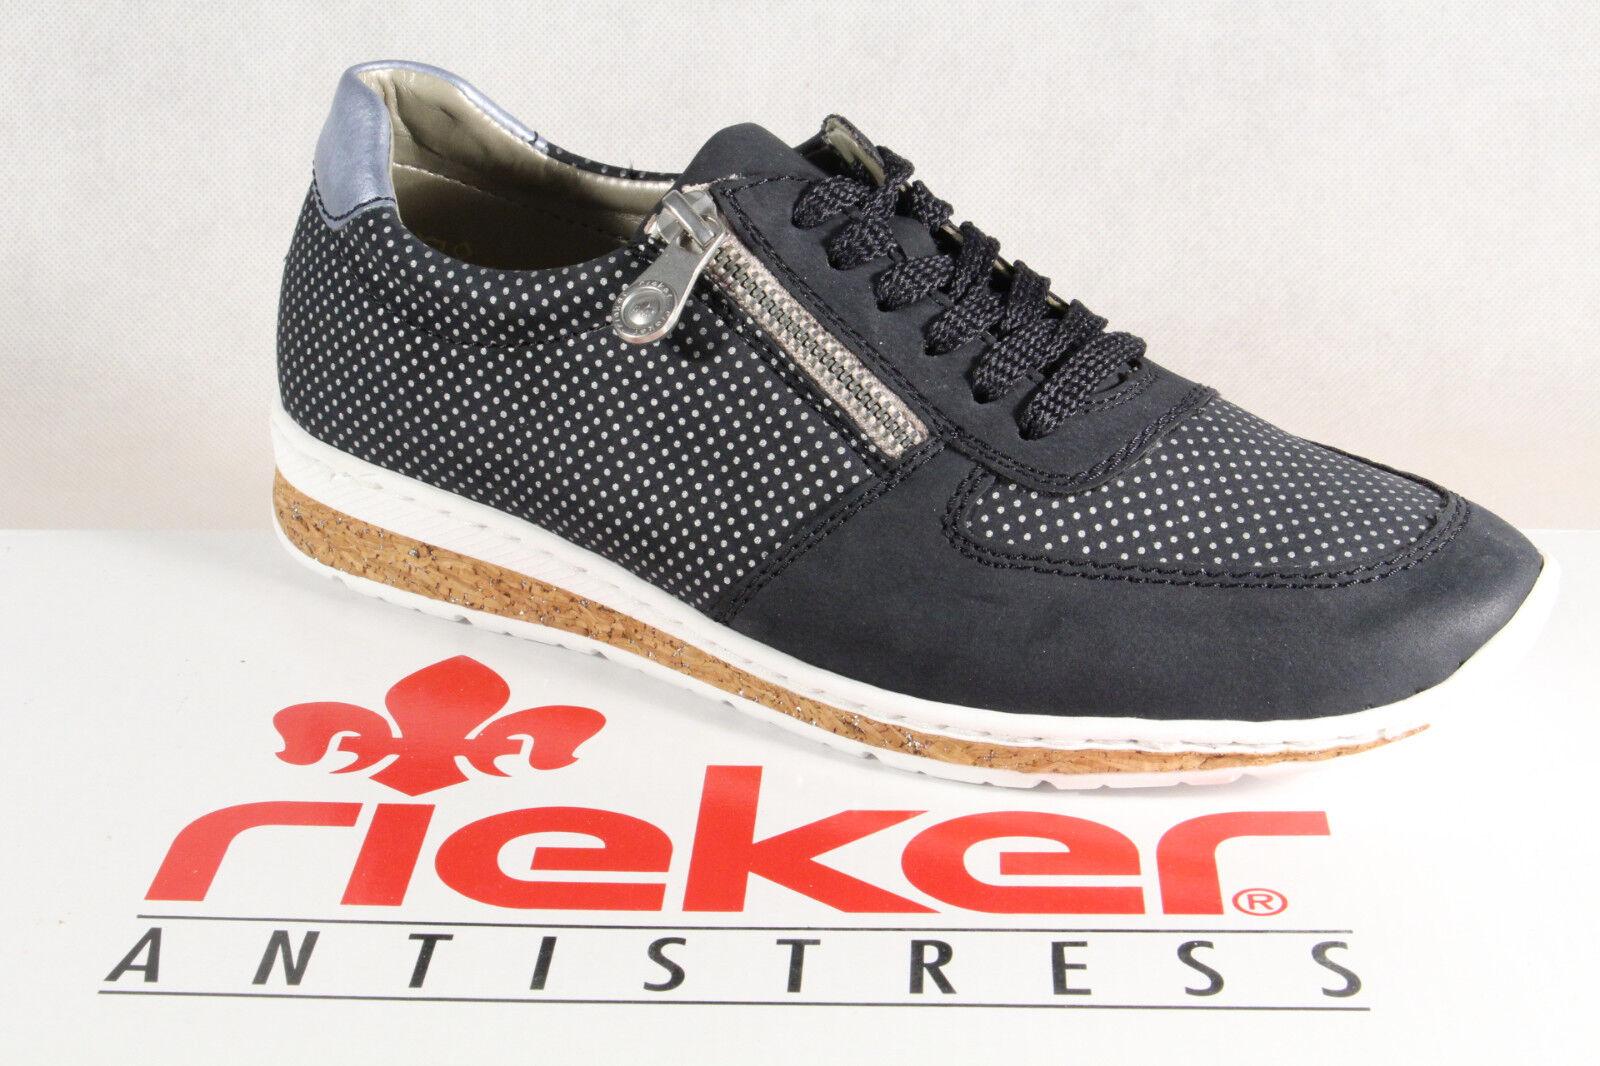 Los zapatos más populares para hombres y mujeres Descuento por tiempo limitado Rieker mujer Zapatos de cordones, zapatos, Zapatillas, azul, n5121 NUEVO